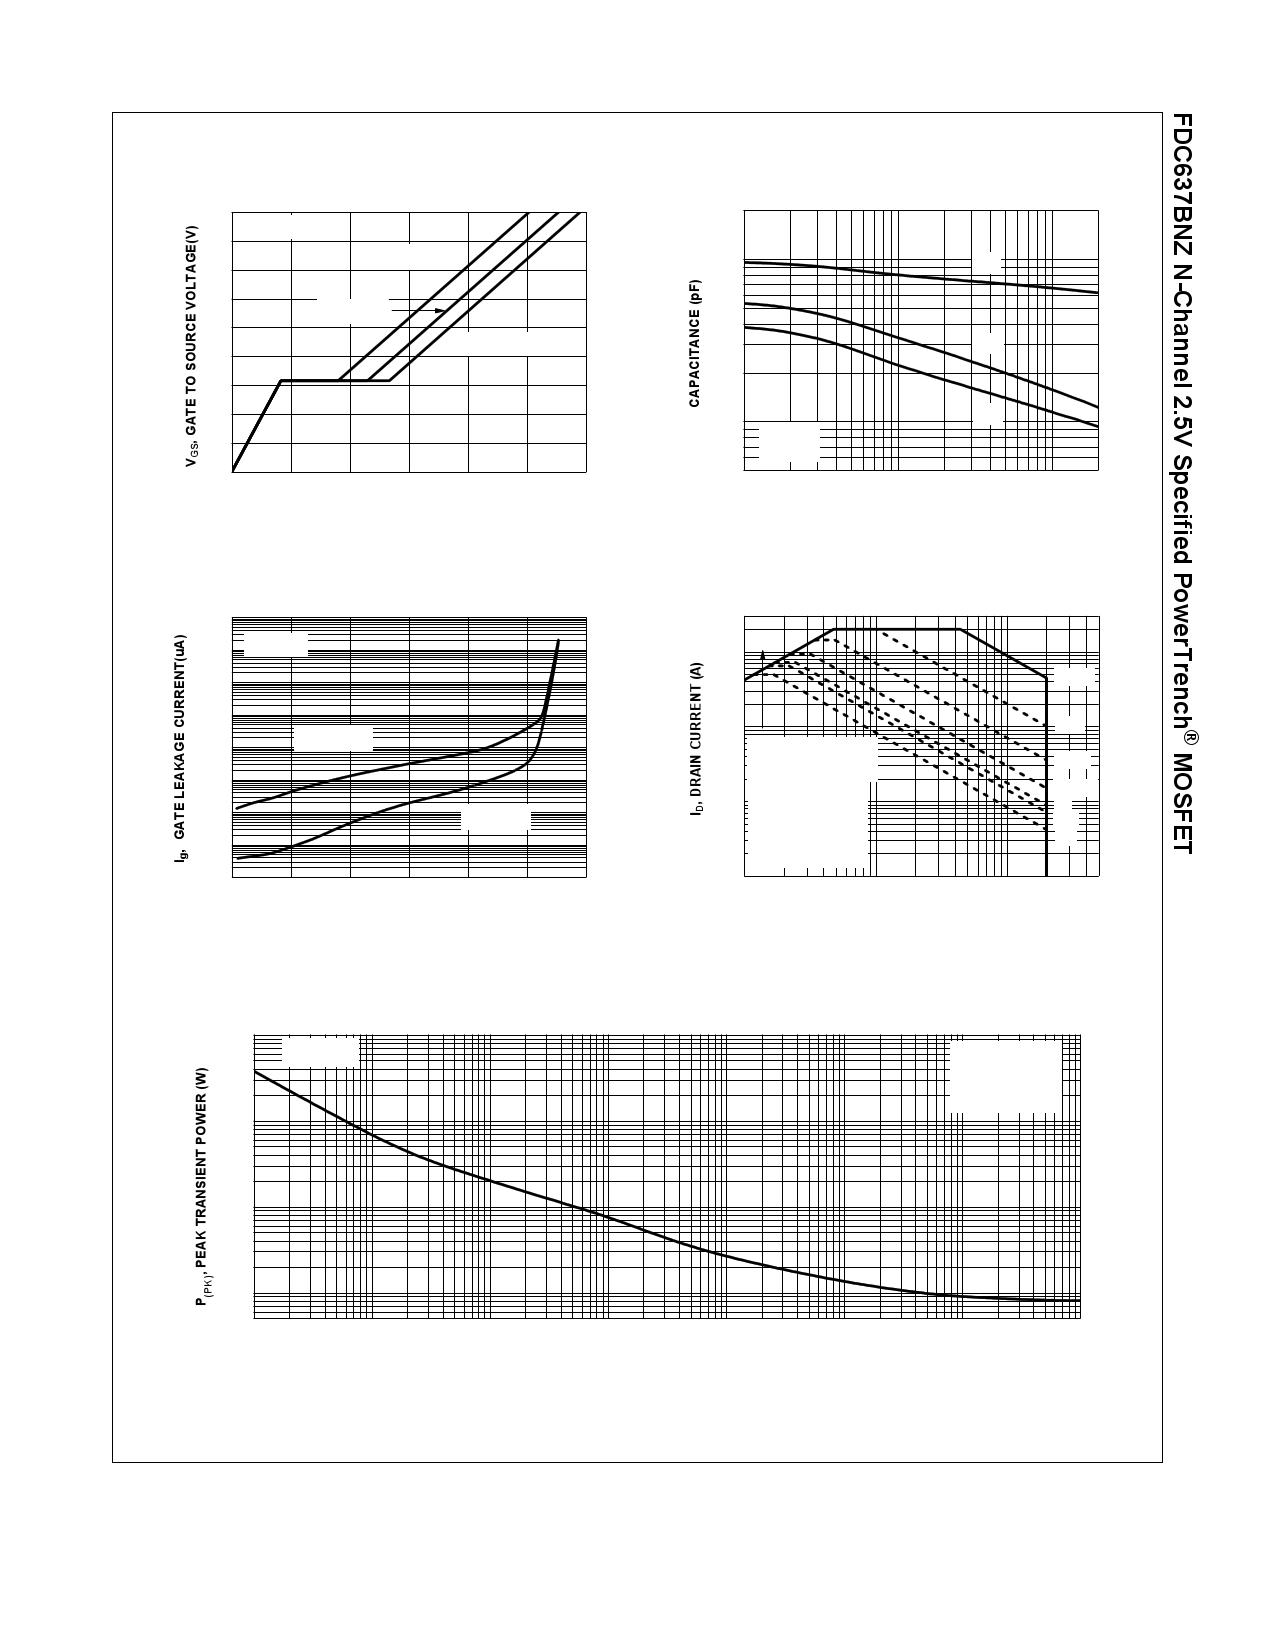 FDC637BNZ pdf, 반도체, 판매, 대치품